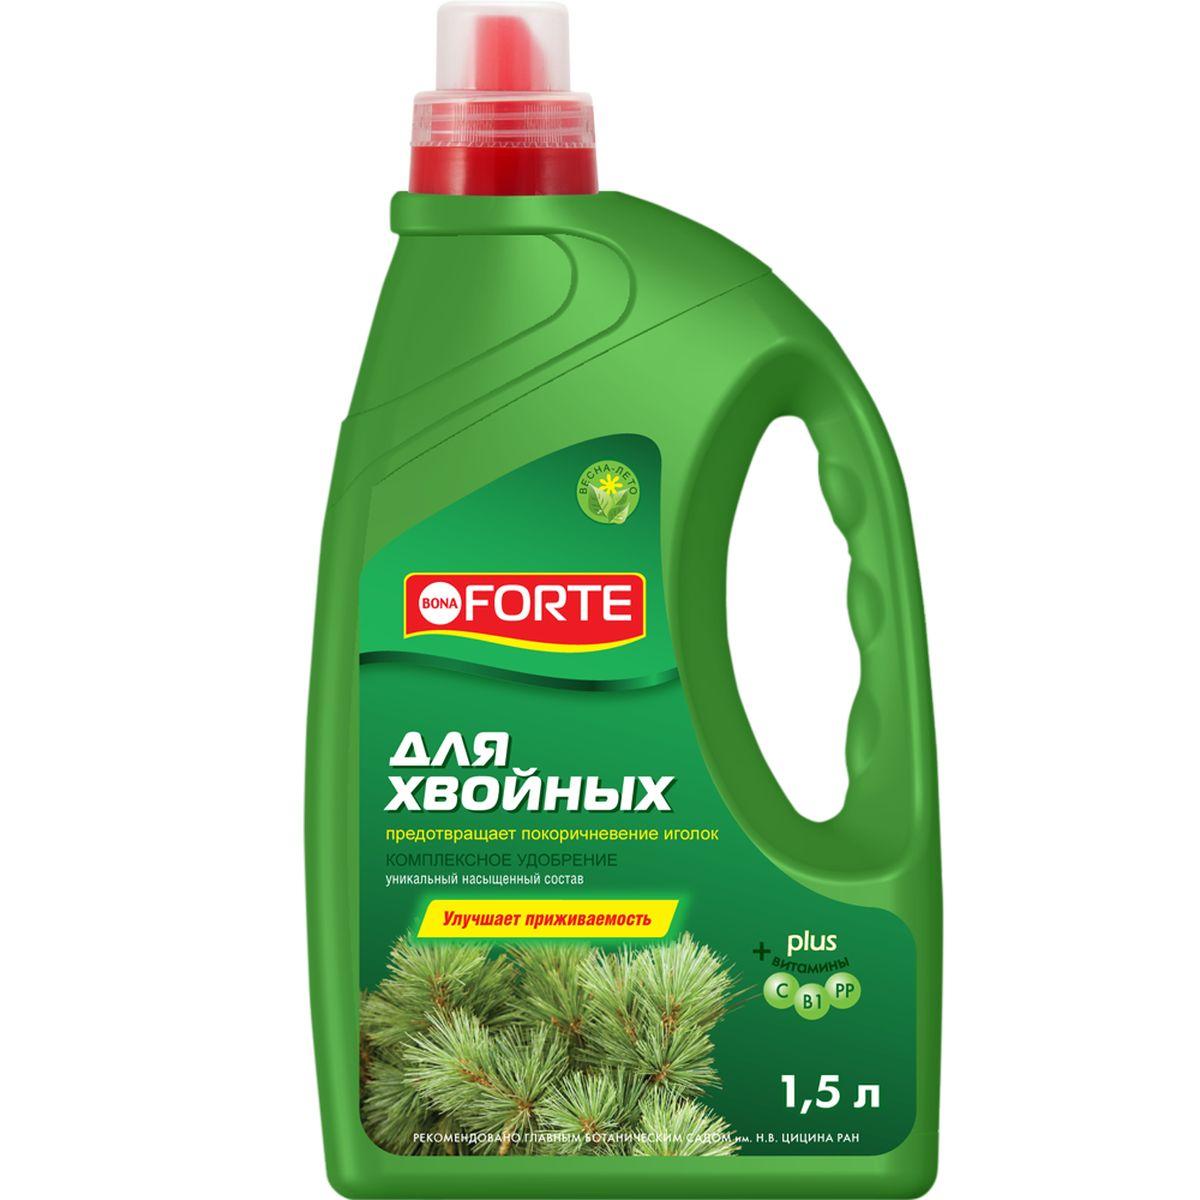 Жидкое комплексное удобрение Bona Forte, для хвойных растений, 1,5 л09840-20.000.00Препятствует покоричневению хвои, поддерживает зеленый цвет иголок, стимулирует рост и развивает корневую систему.